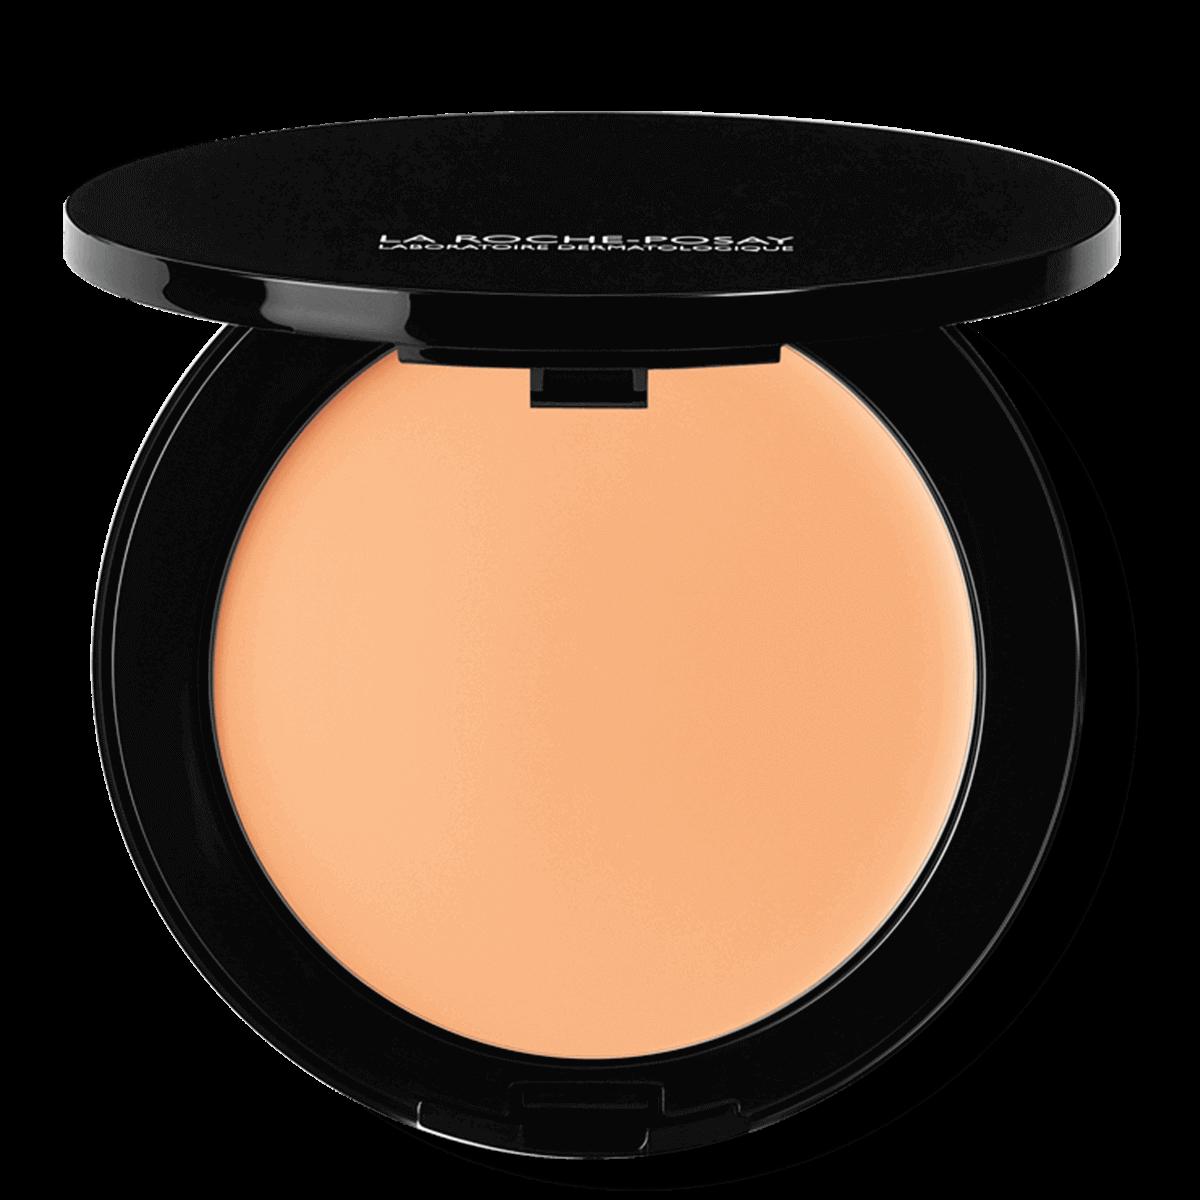 La Roche Posay Sensitive Toleriane Make up COMPACT_CREAM_10Ivory 33378